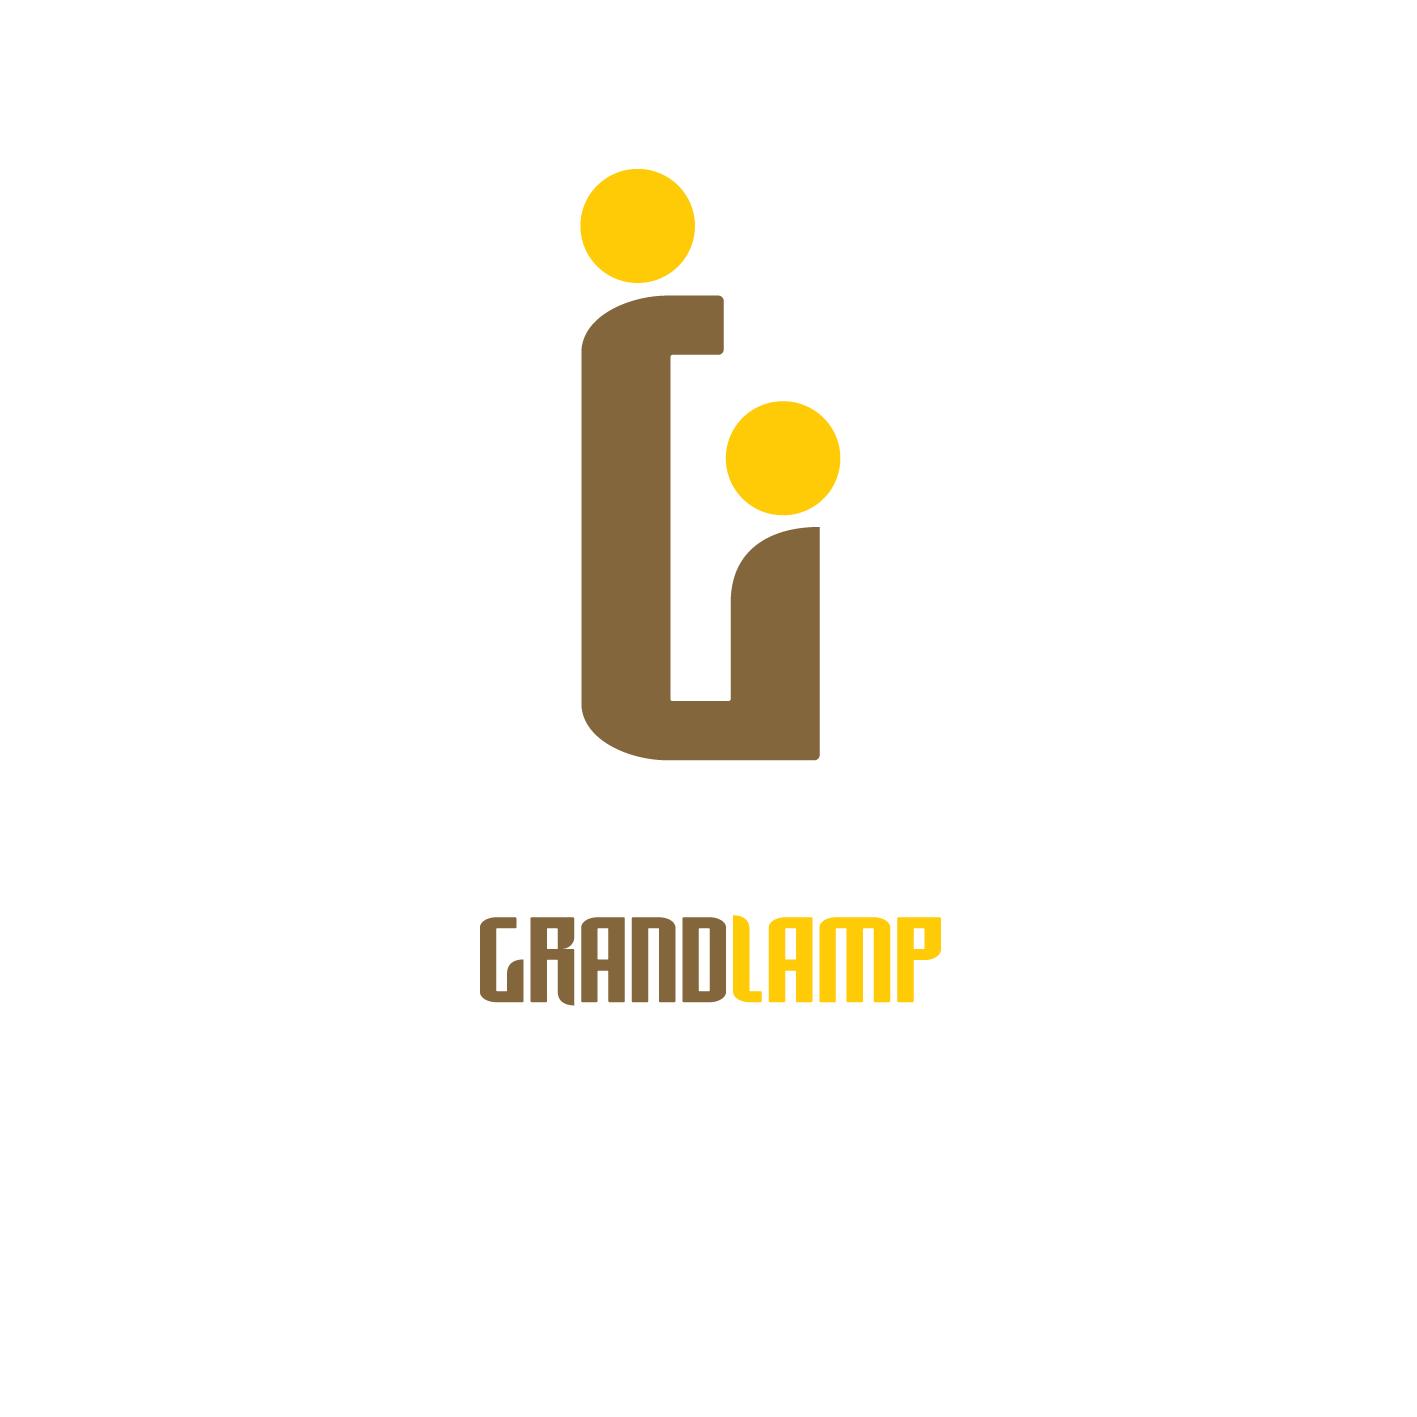 Разработка логотипа и элементов фирменного стиля фото f_03857dd62bf4a7a6.png